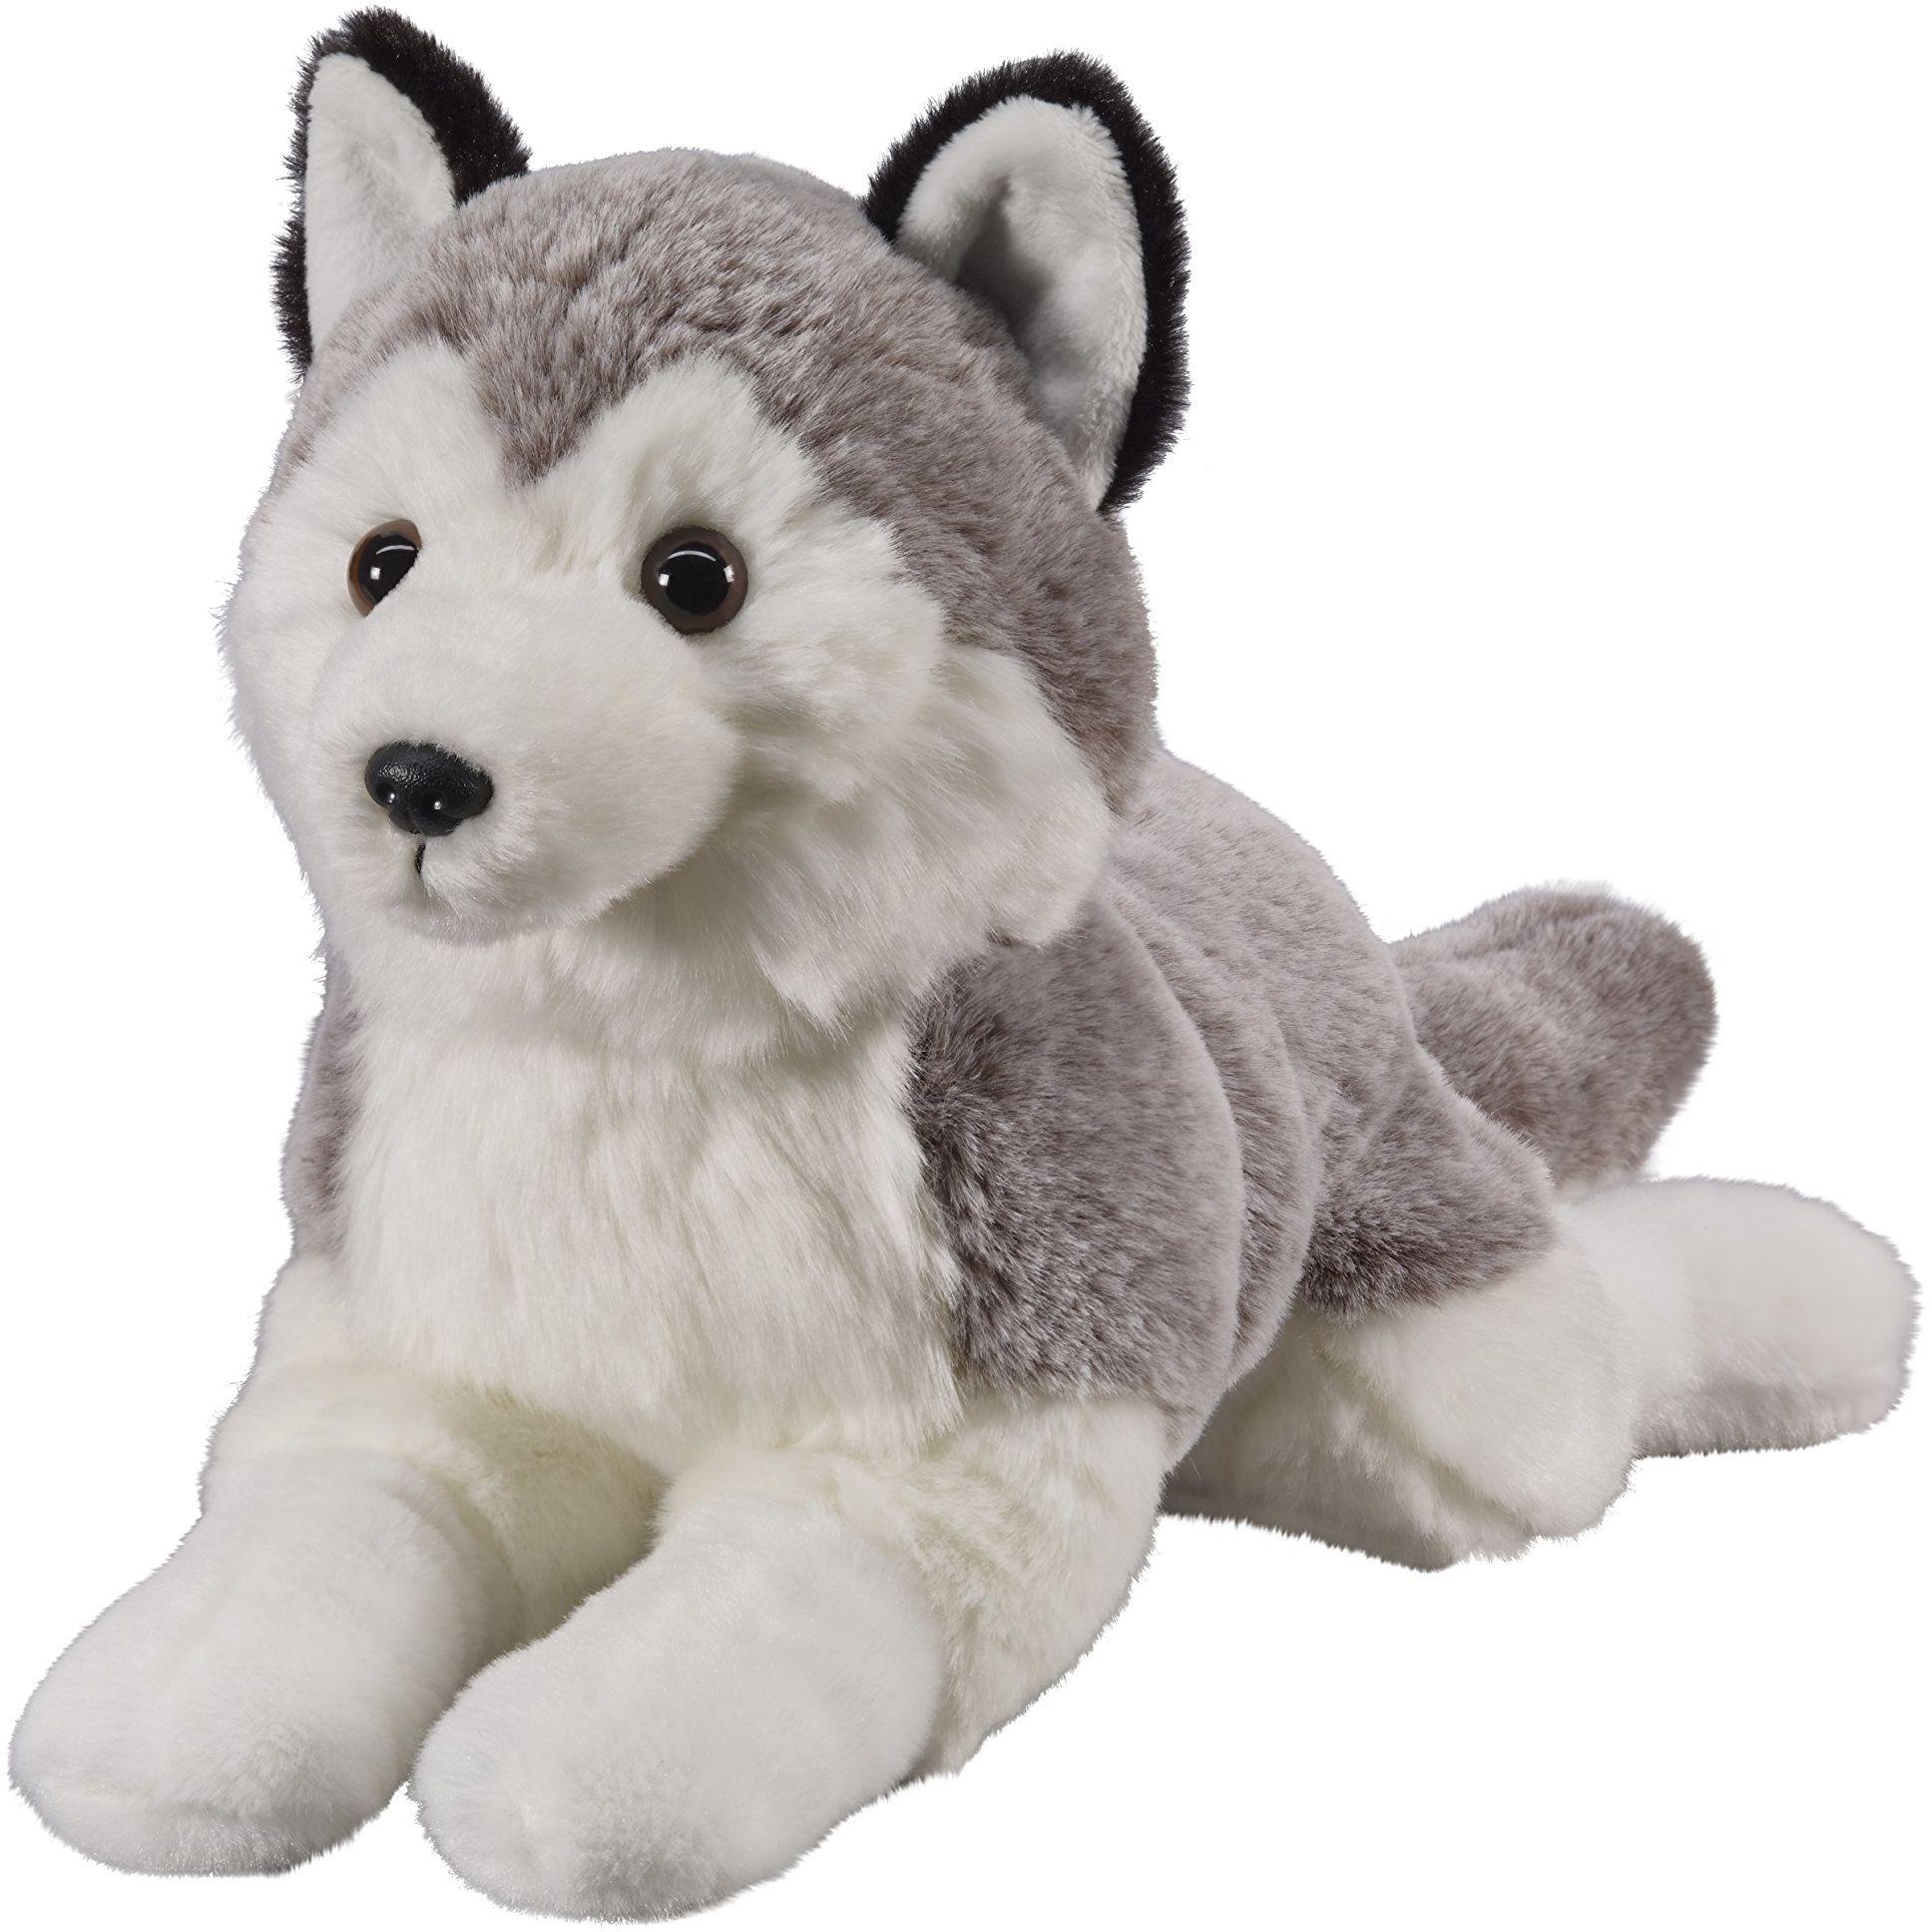 """Bauer Spielwaren """"Twoje zwierzęta z sercem"""" Husky w pozycji leżącej: Małe przytulanki do przytulania i miłości, idealne na prezent, 25 cm, szaro-biały (12513)"""